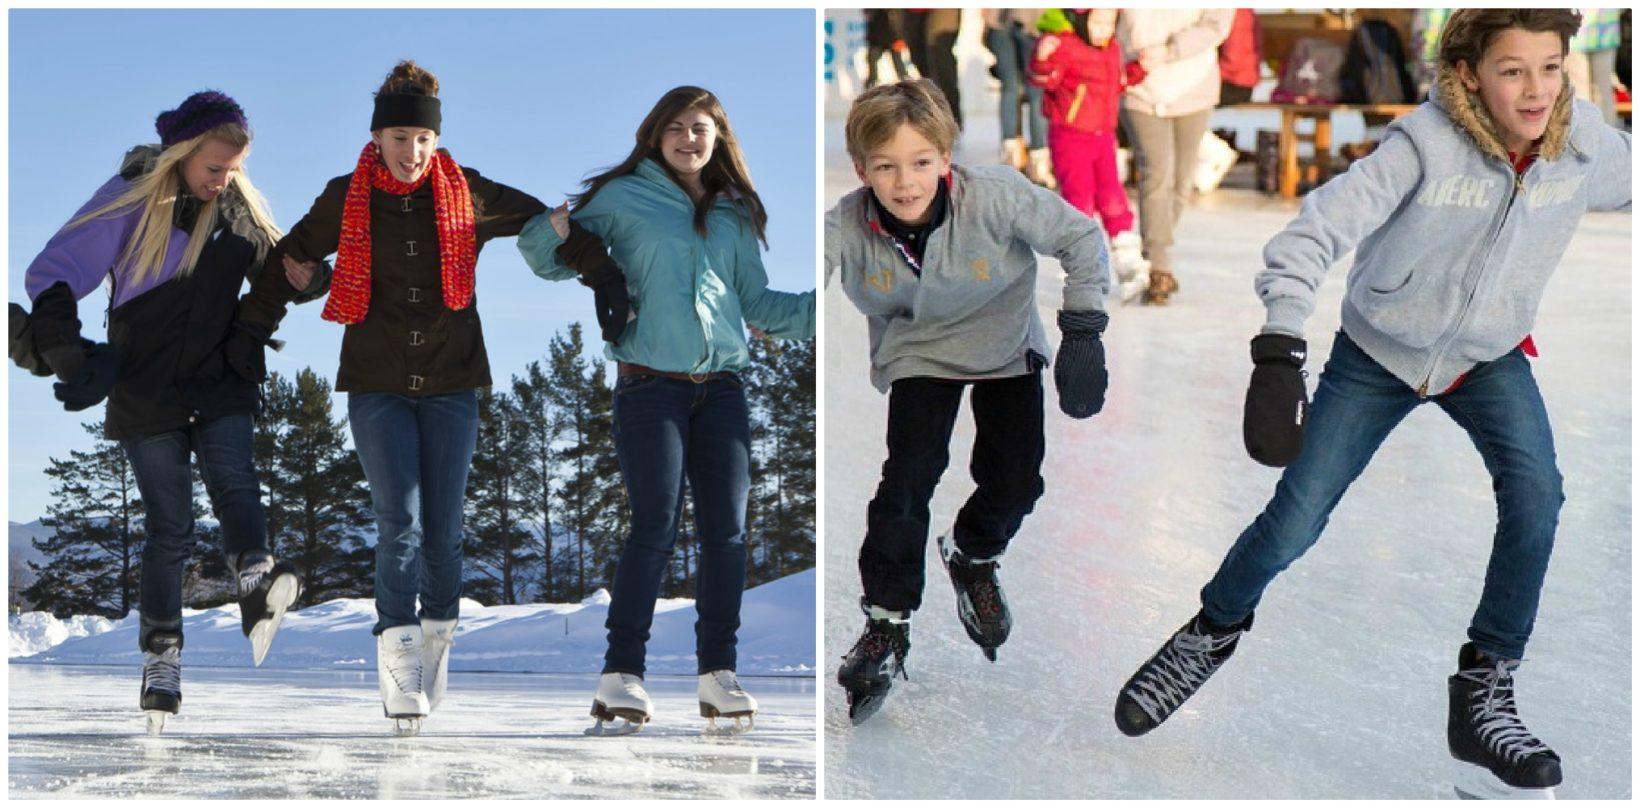 катание на коньках в минске